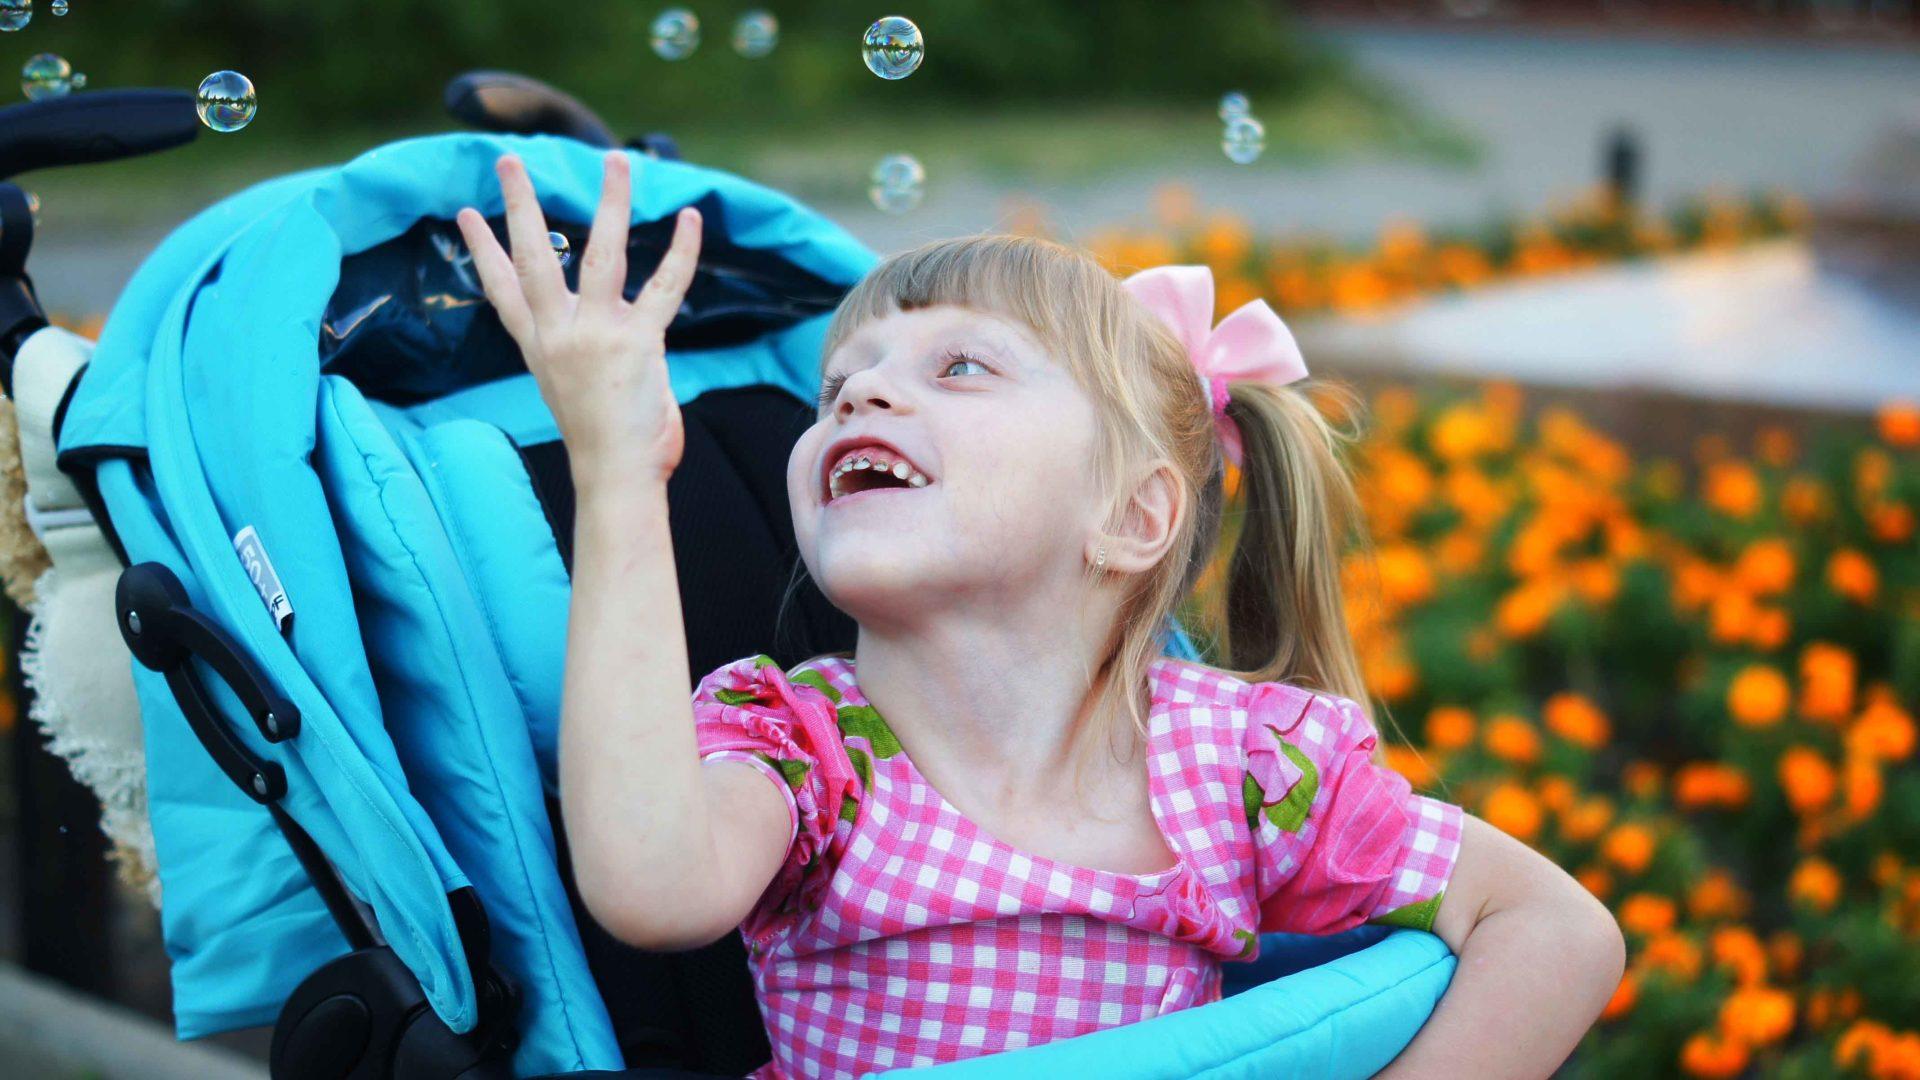 Hивалин при лечении детского церебрального паралича